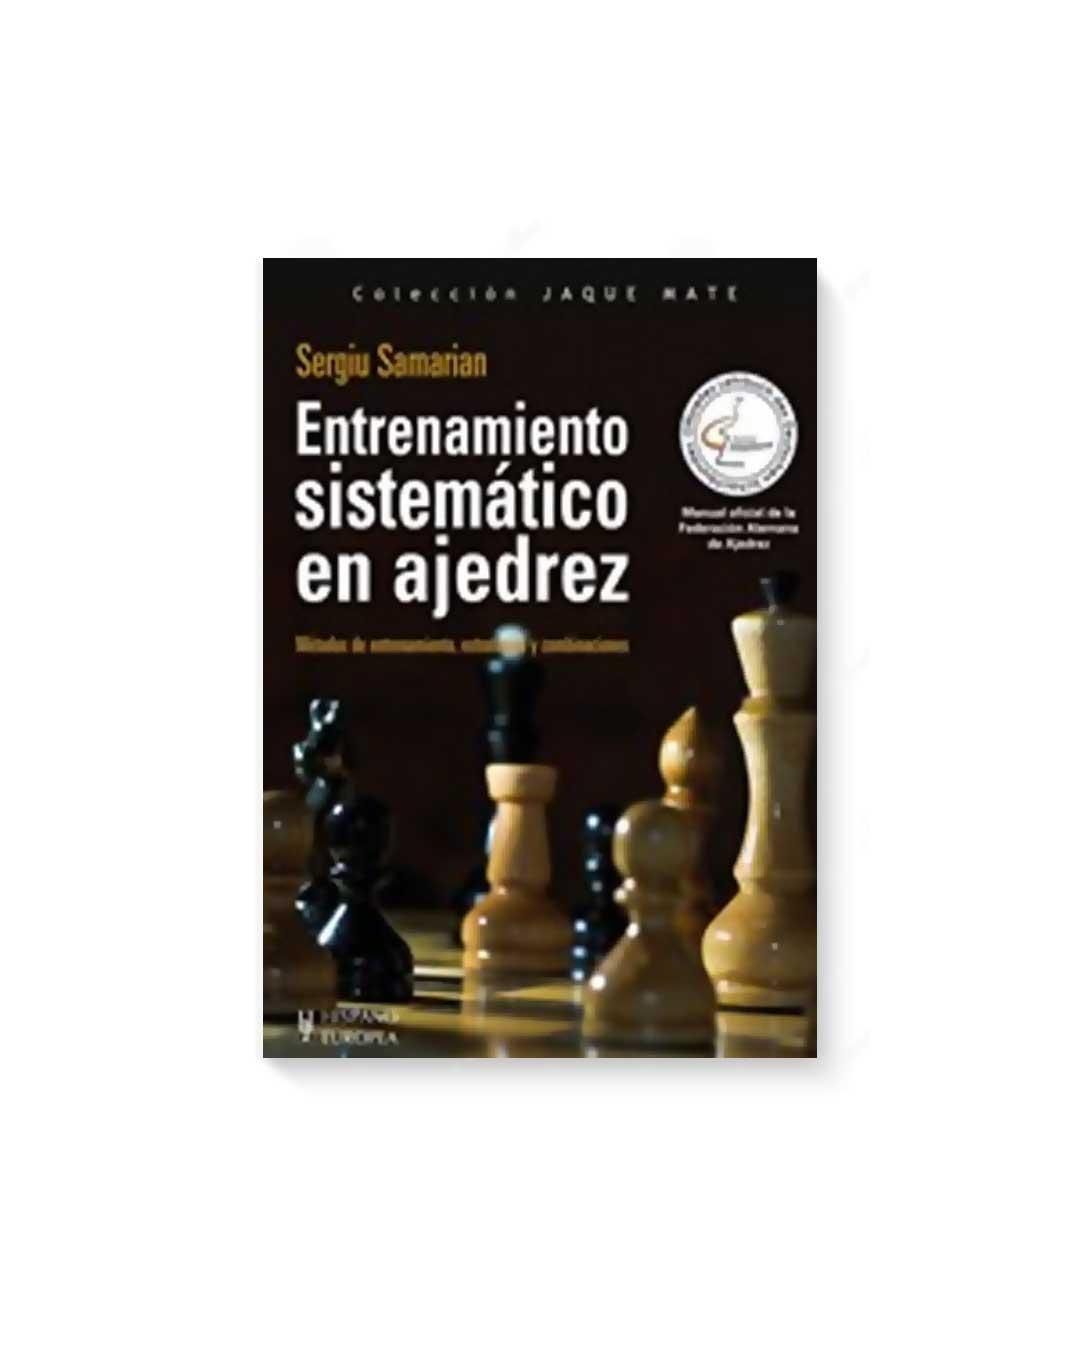 Entrenamiento sistemático en ajedrez